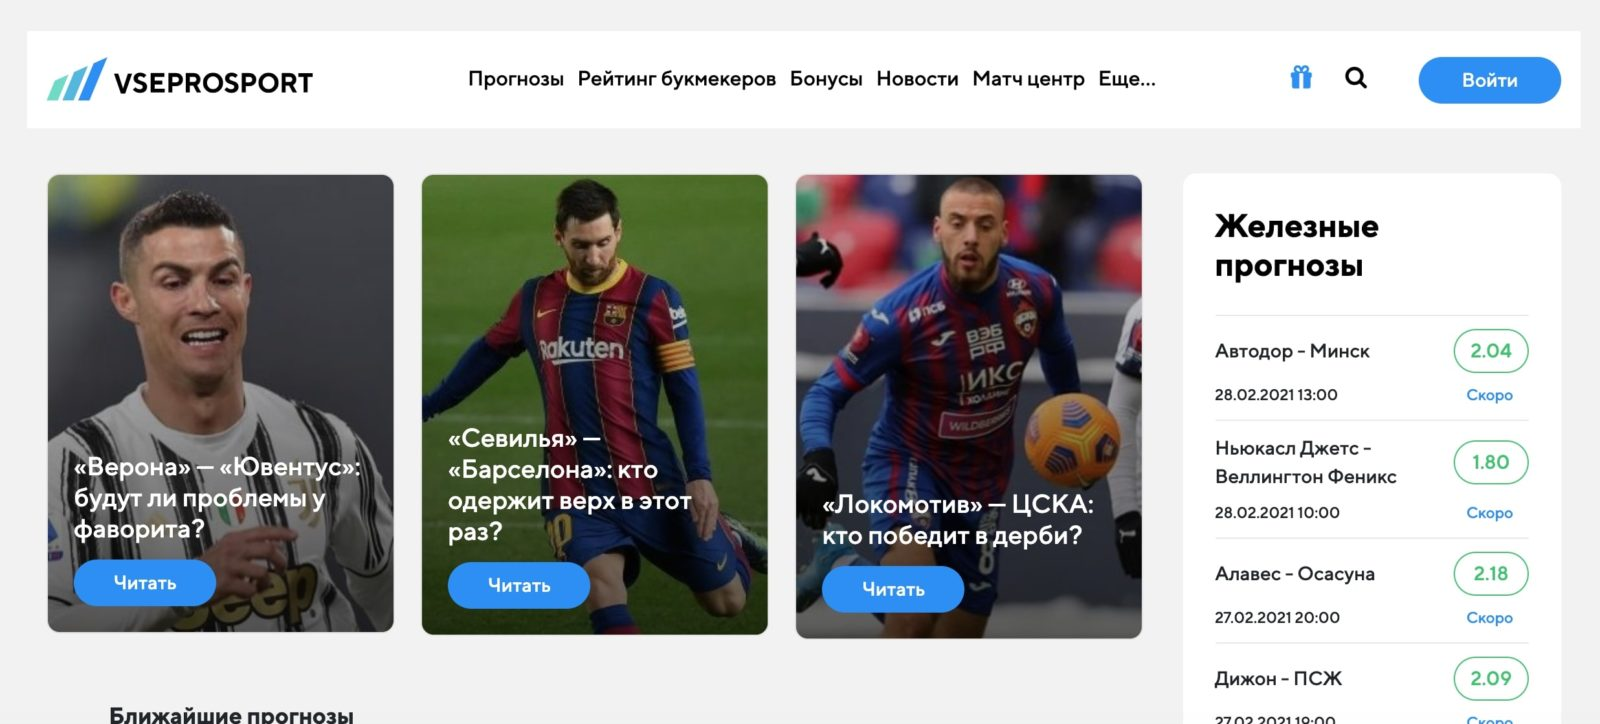 Главная страница сайта https www vseprosport ru (всепроспорт ру)